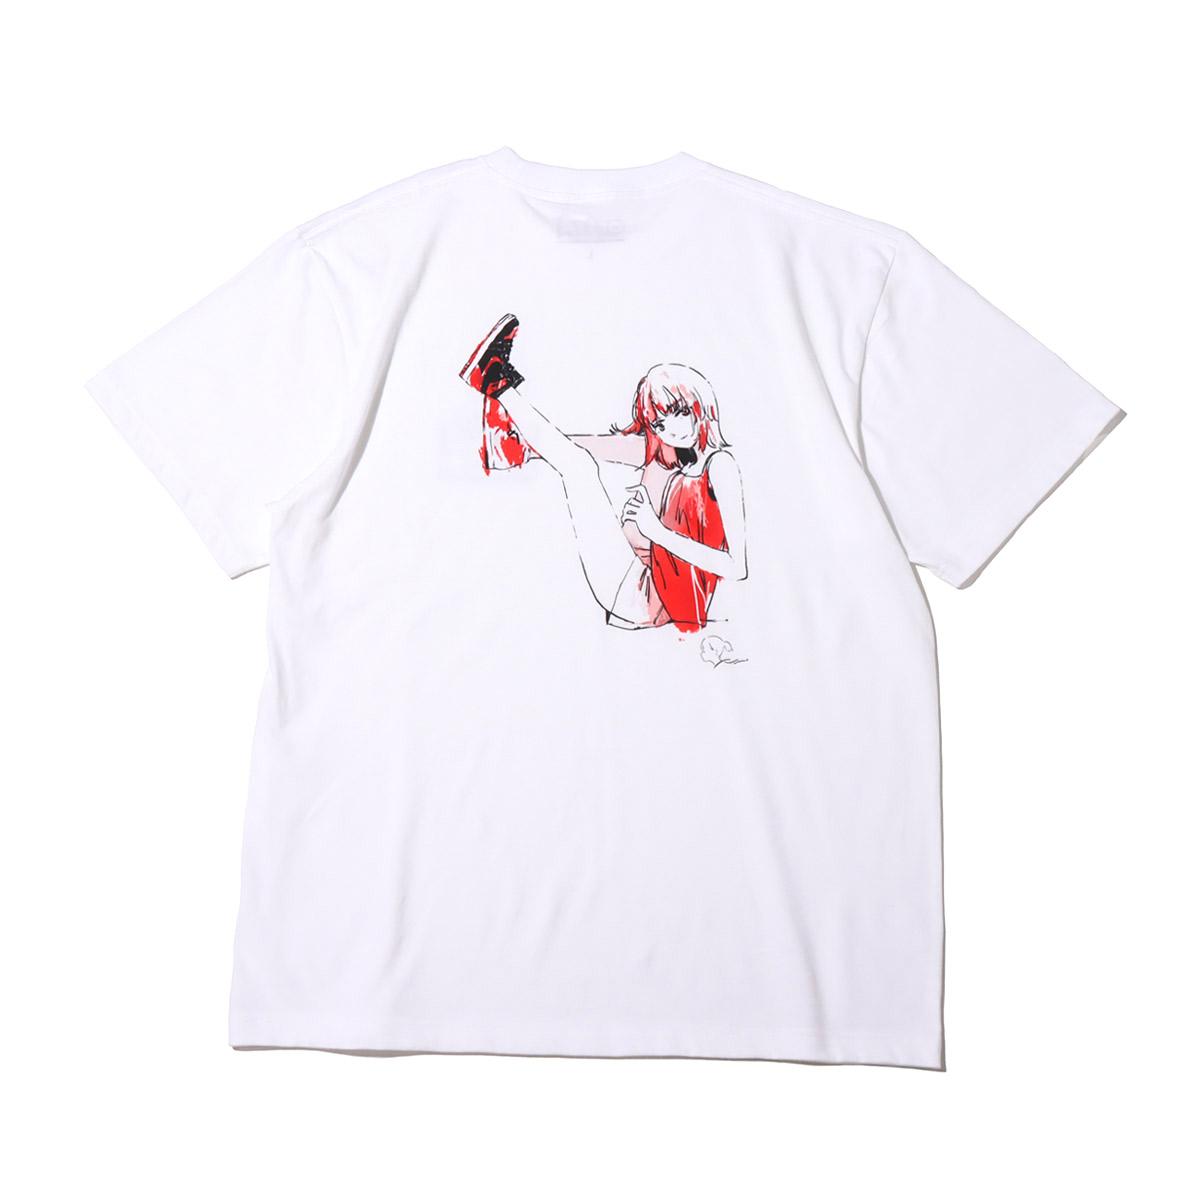 artrA(アルトラ) Tシャツ10